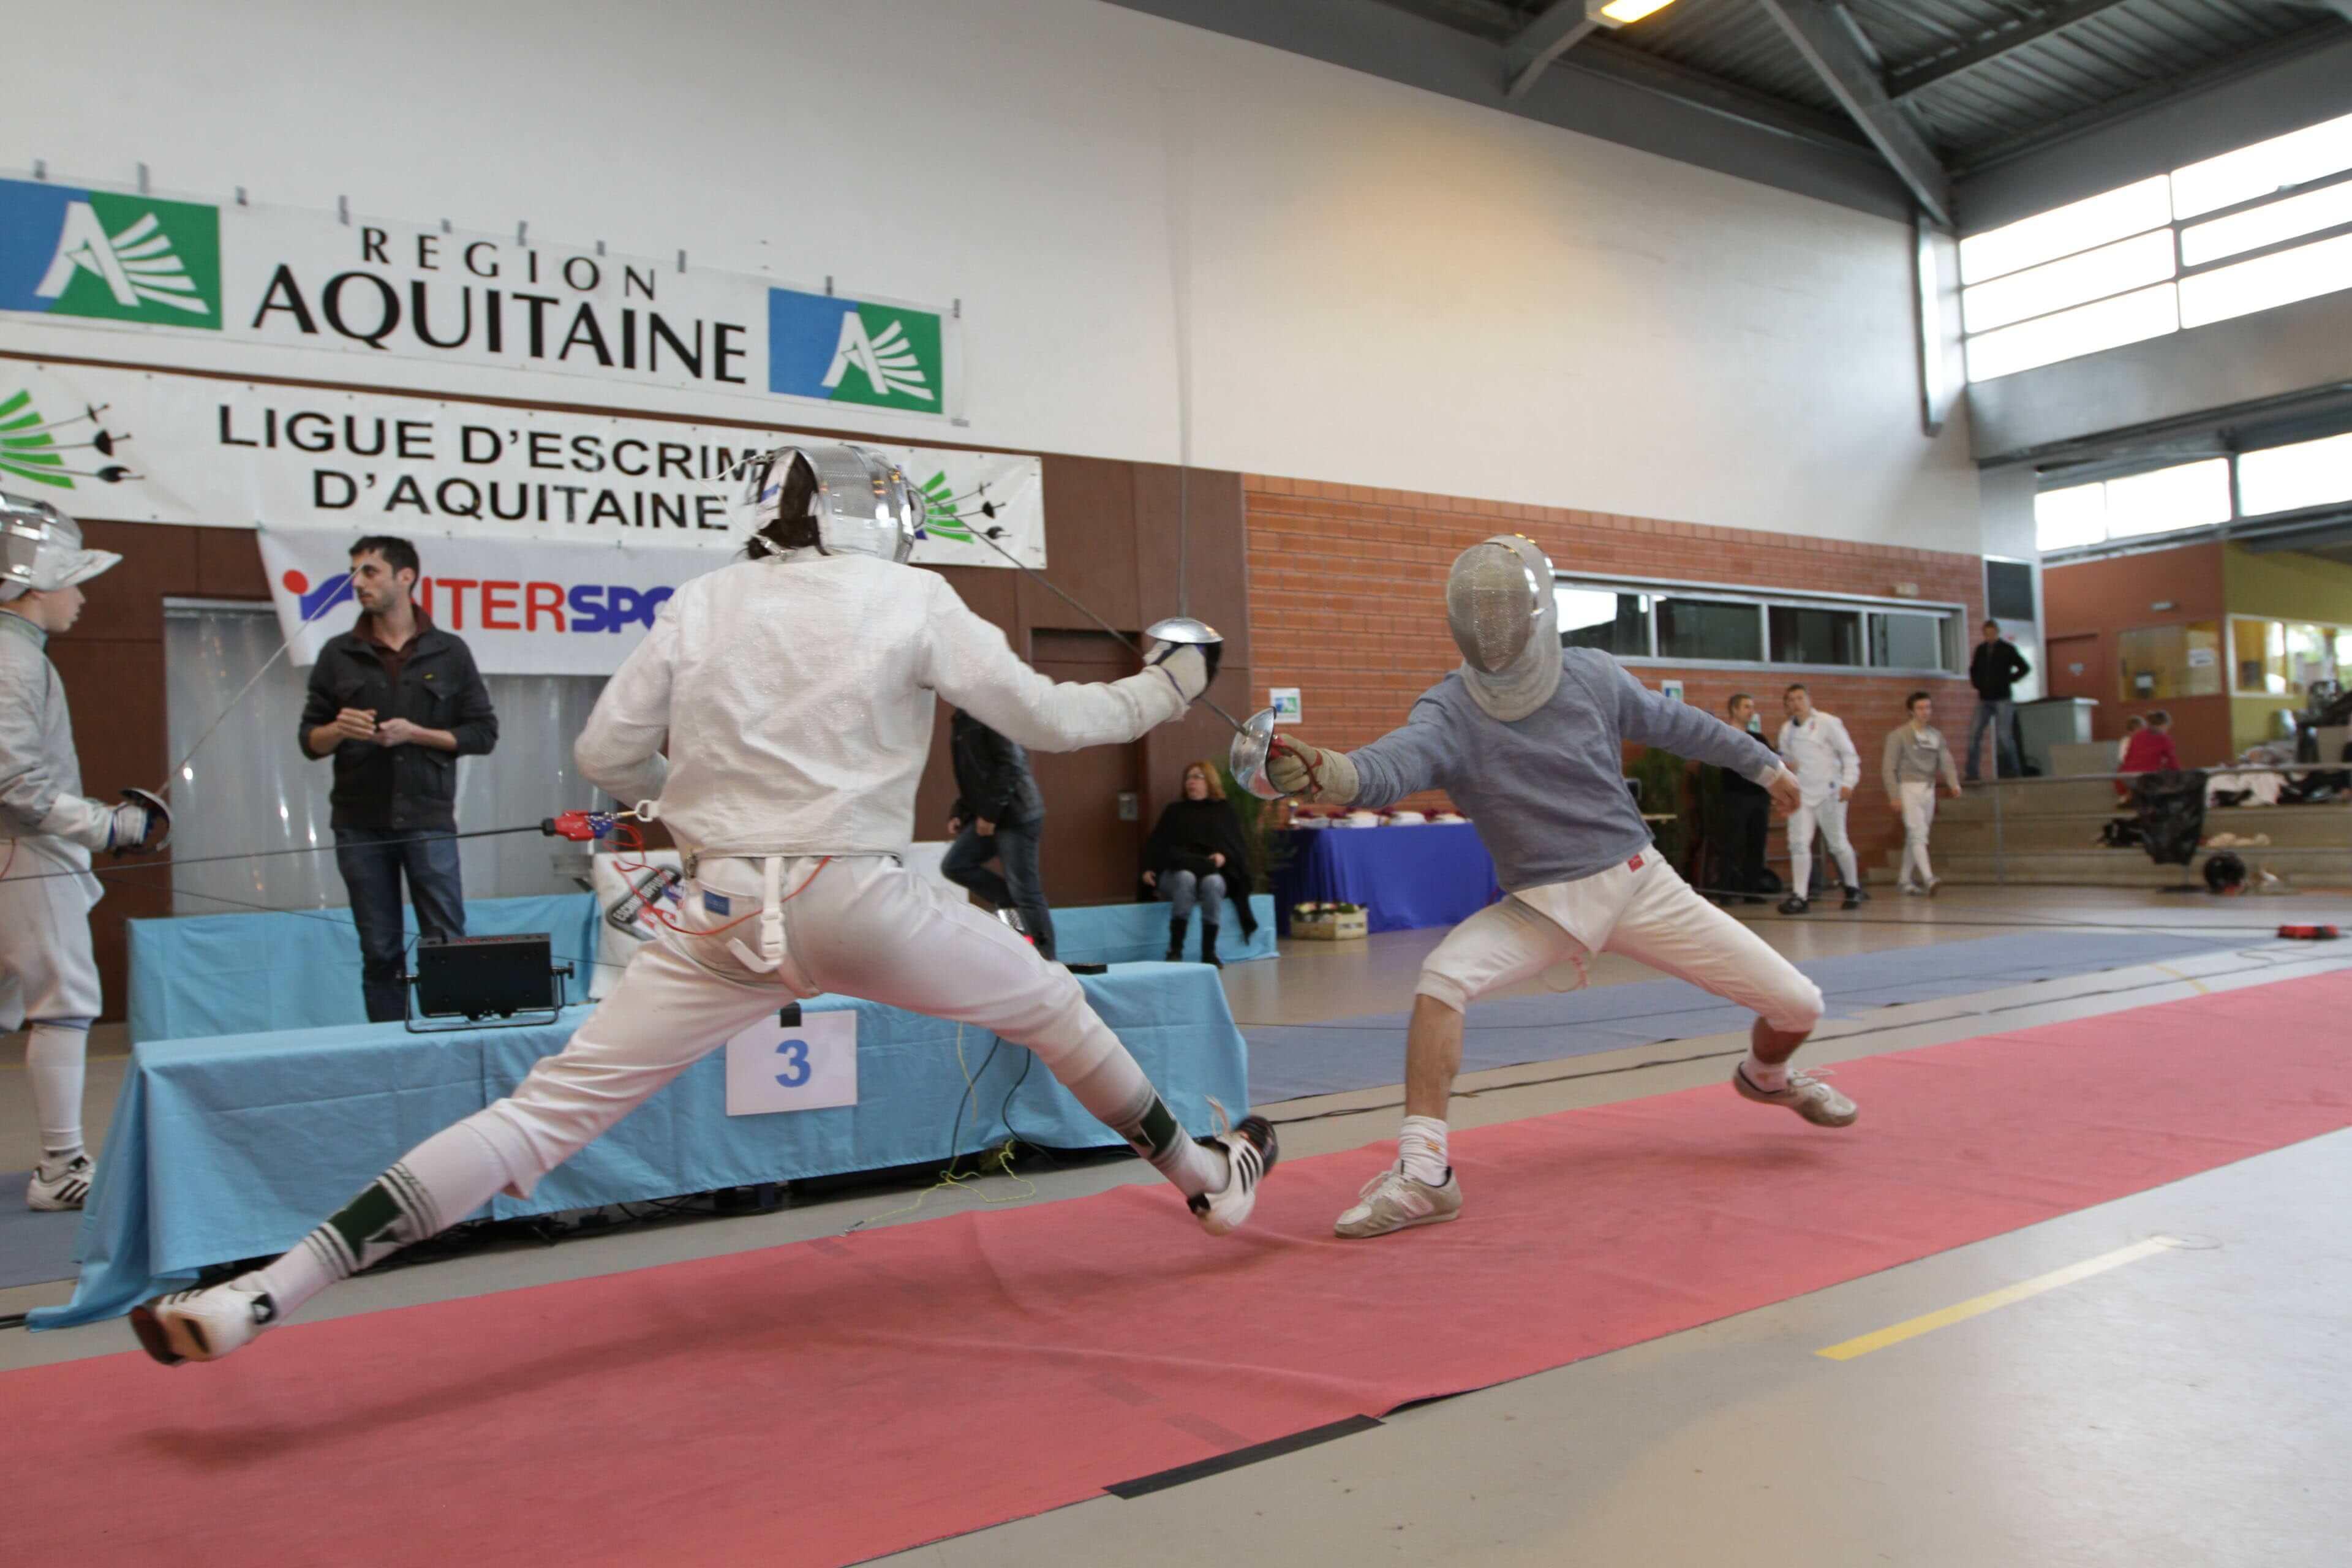 Club d'escrime photo pro de sport association d'escrime position d'escrime mise en valeur ainsi dans l'action et aussi dans le mouvement.